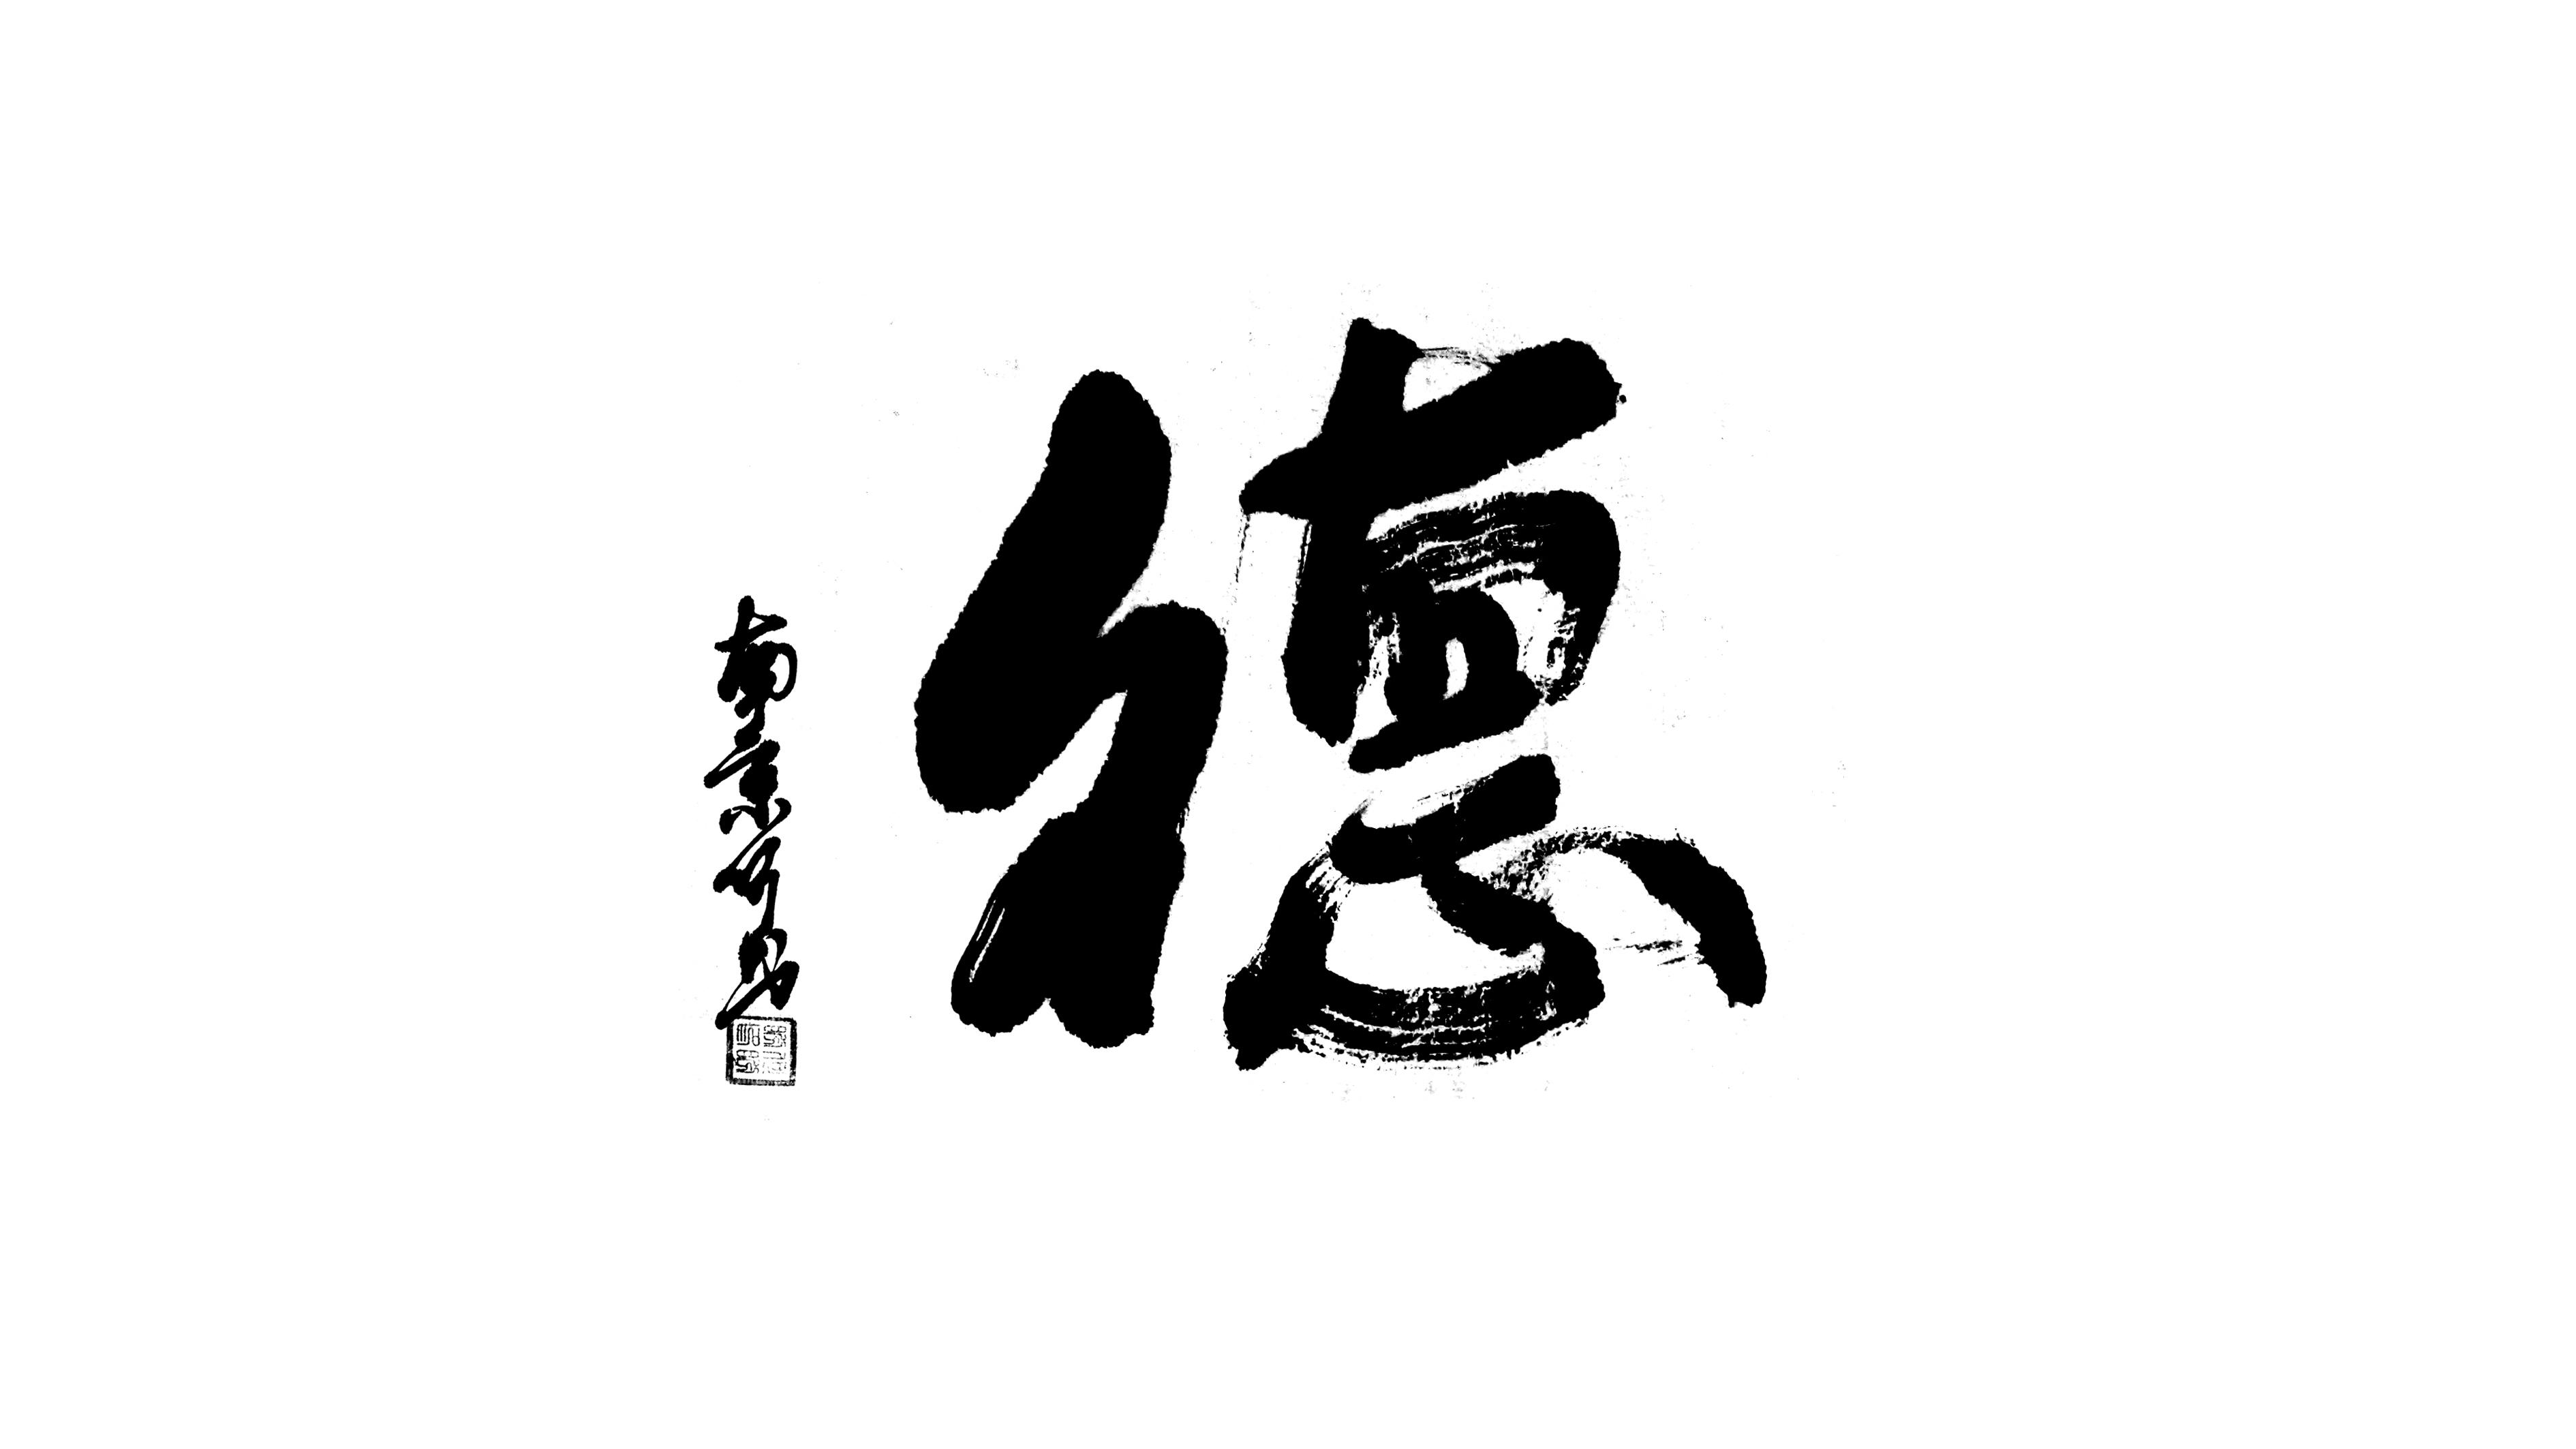 大胆文字图片_请问图片中字体是什么字体?